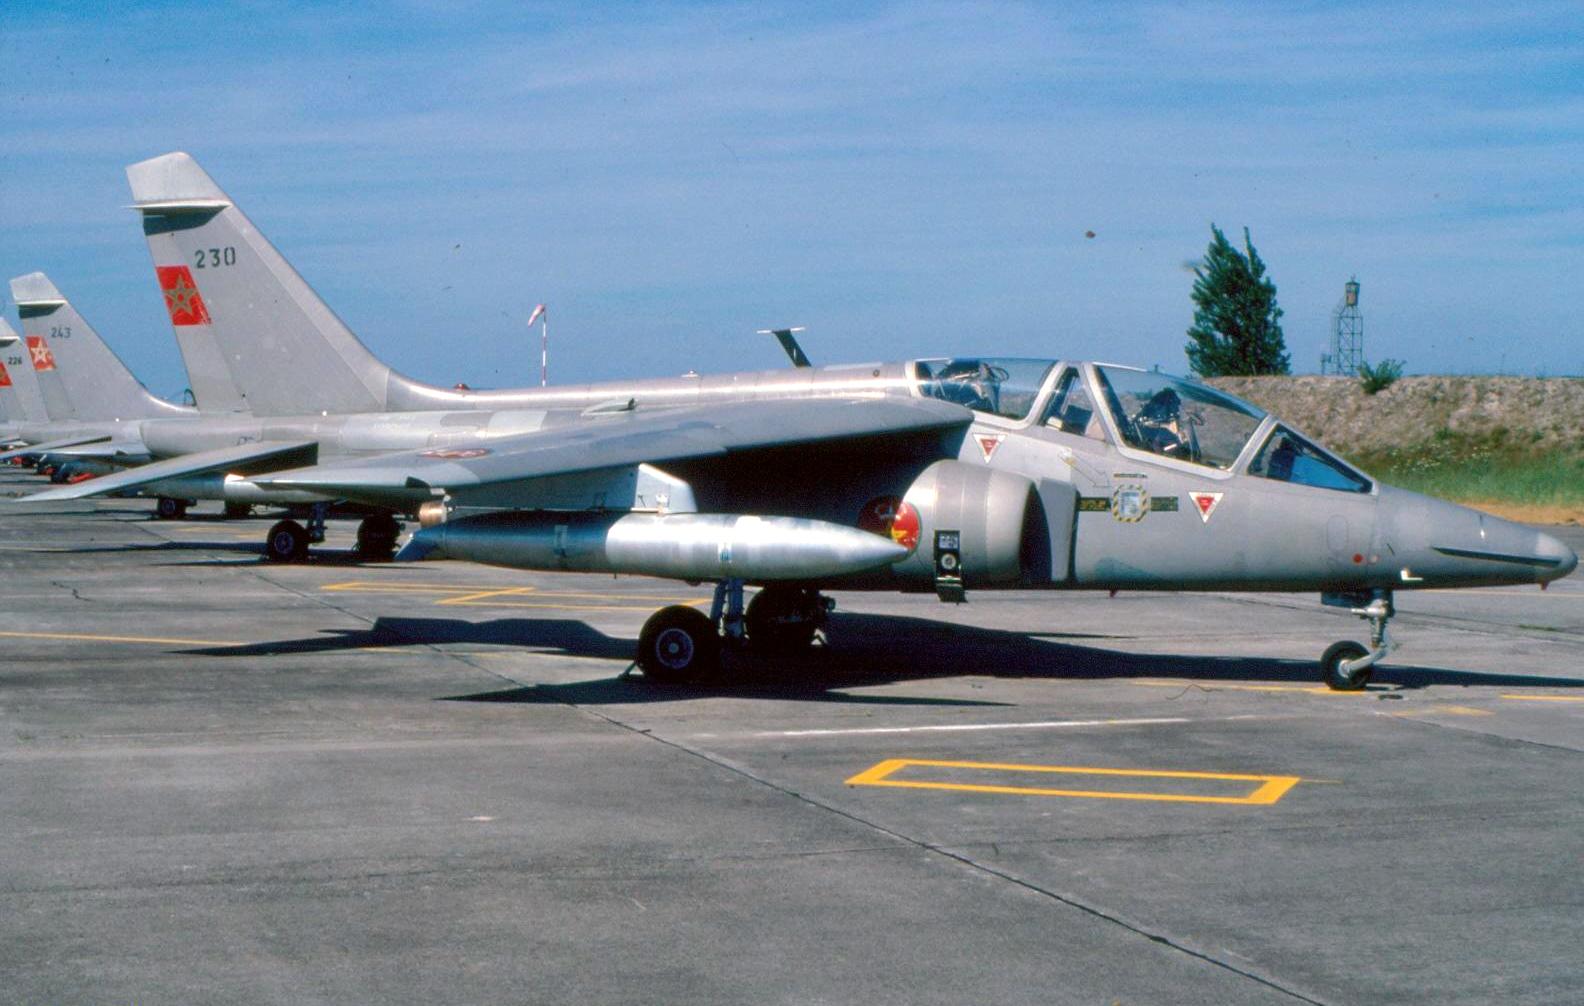 FRA: Photos avions d'entrainement et anti insurrection - Page 8 150720052455939138